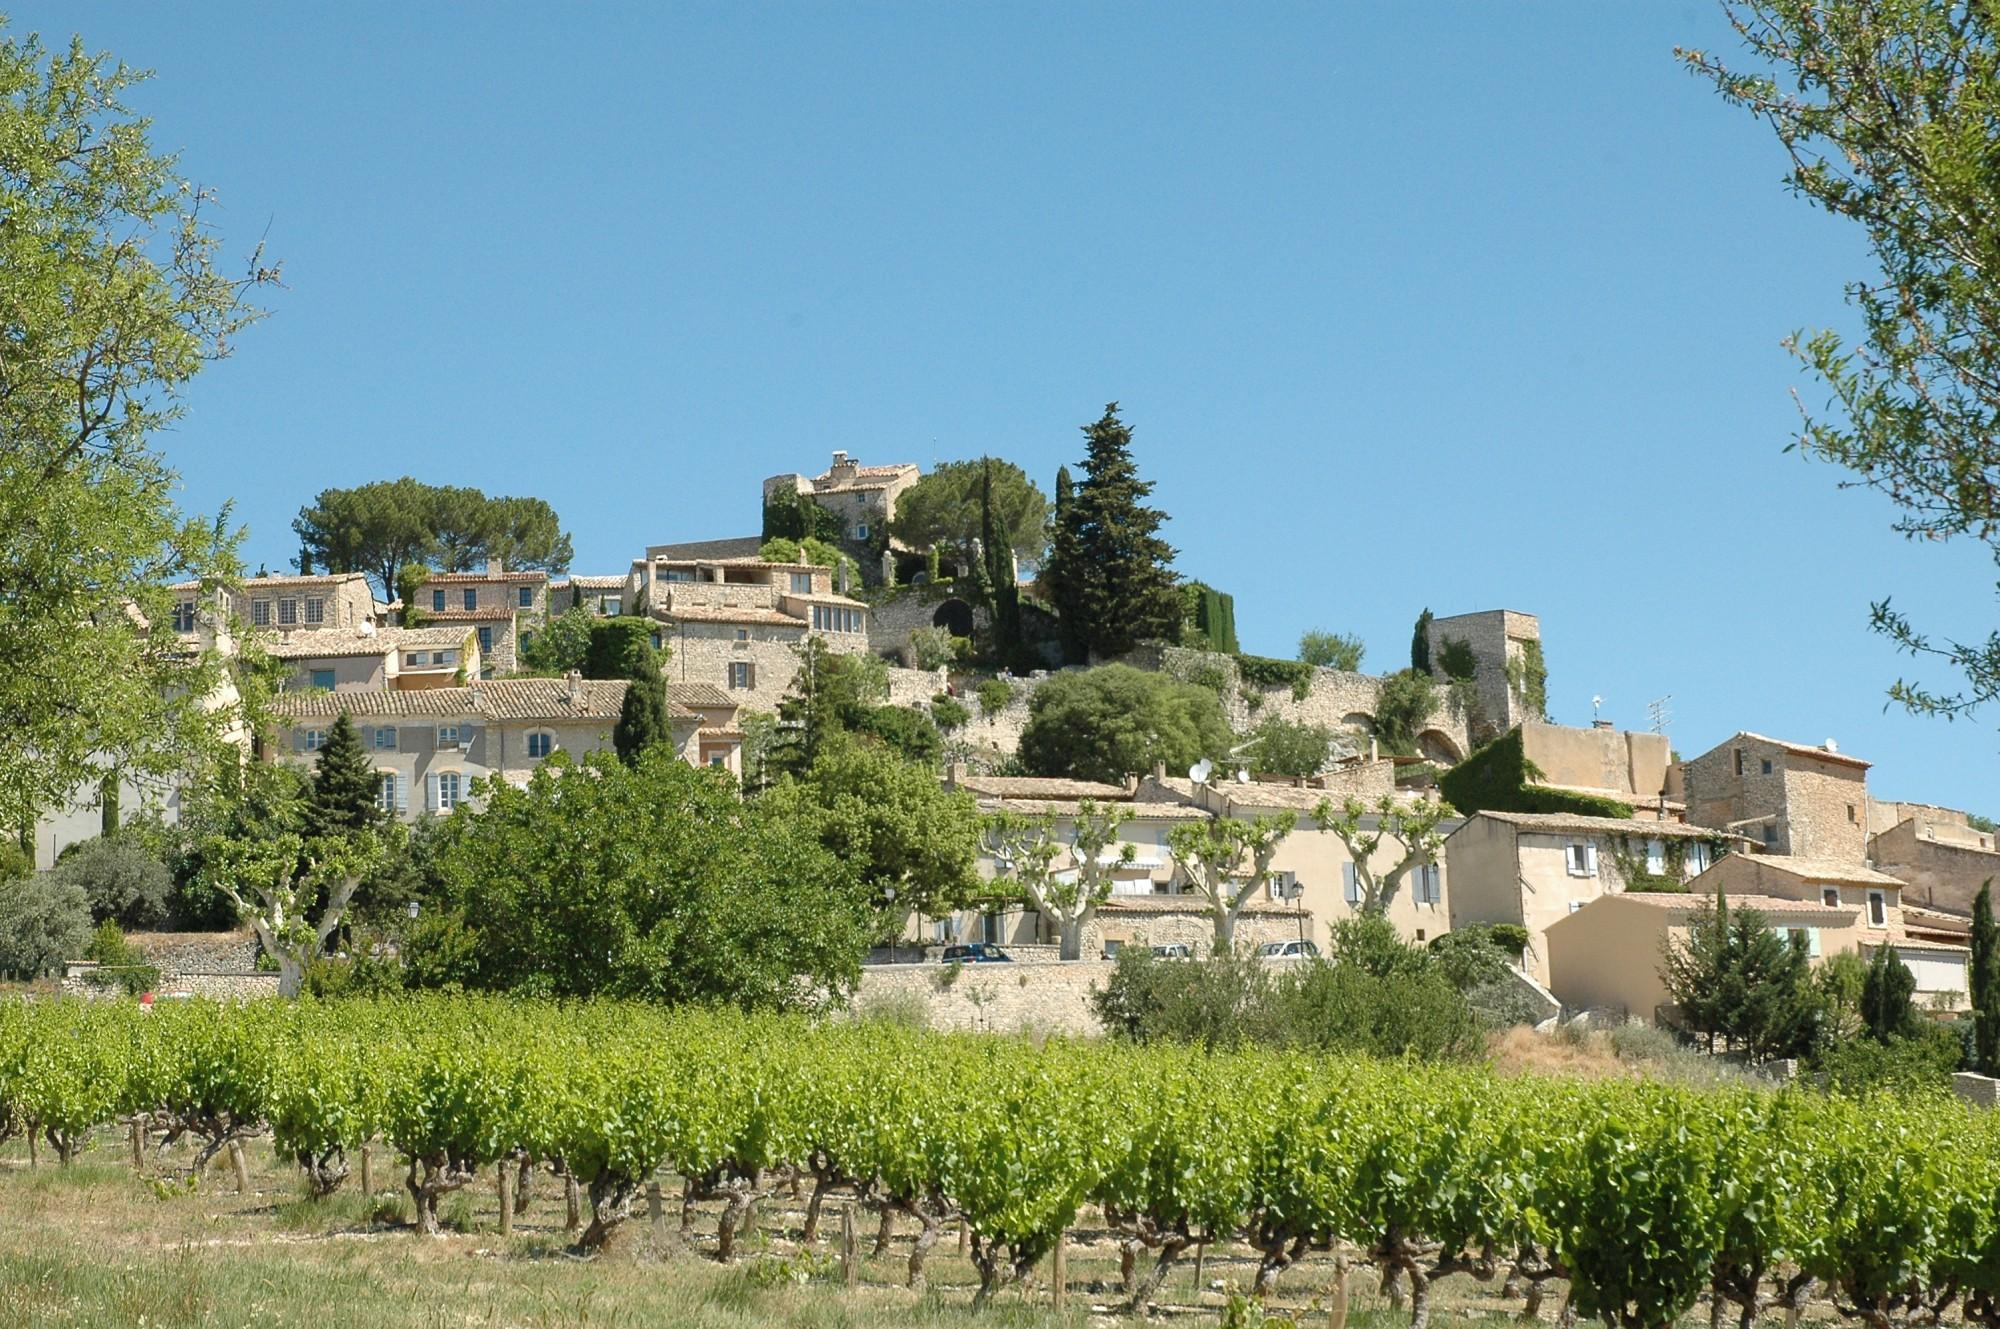 Le village de Joucas, Vaucluse